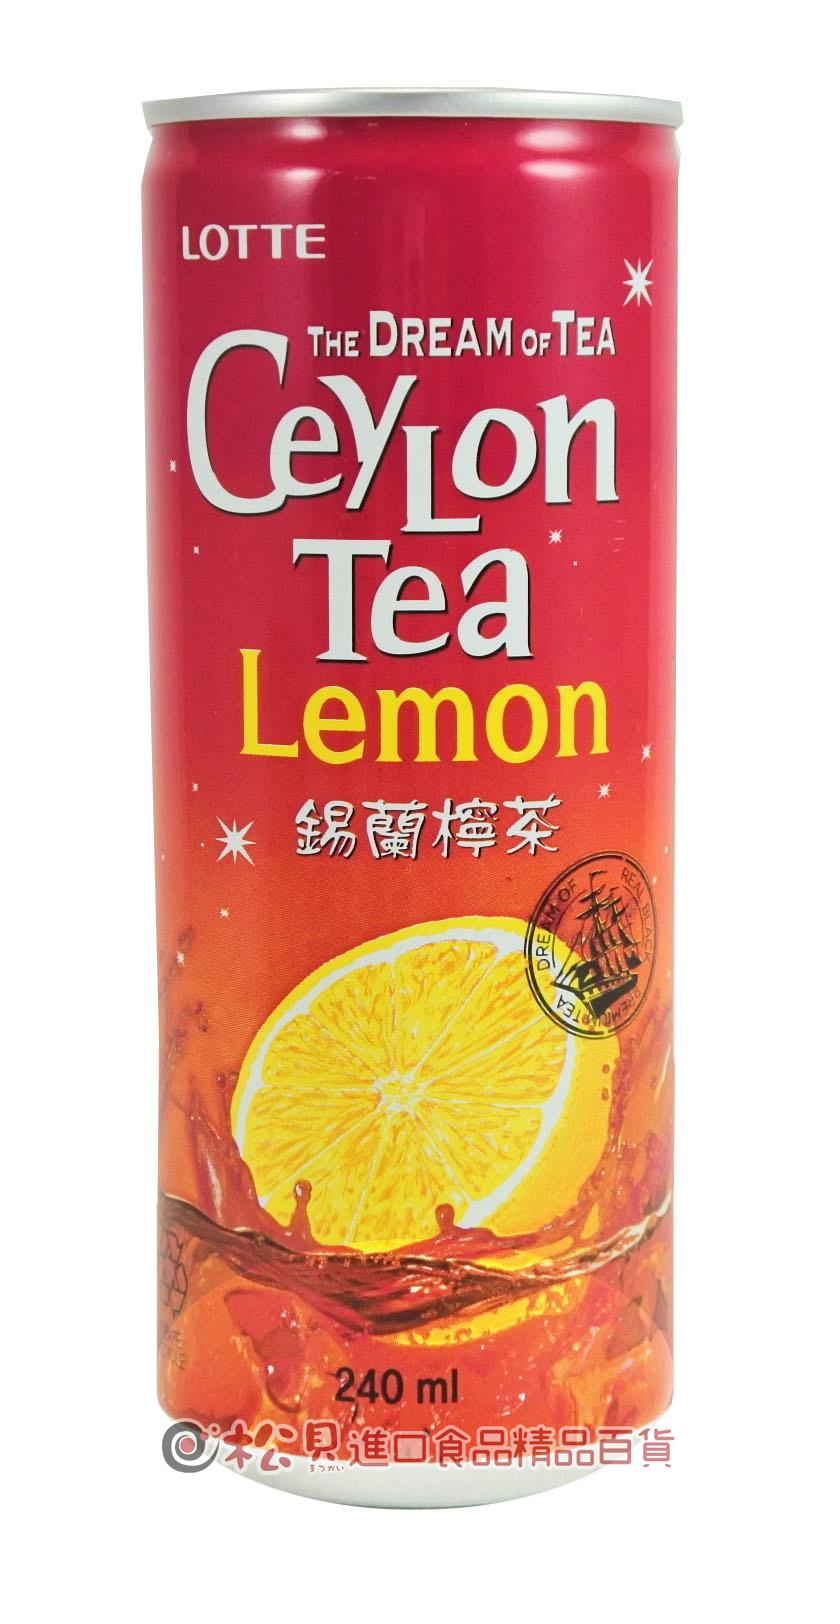 樂天錫蘭檸檬紅茶240ml【8801056297015】